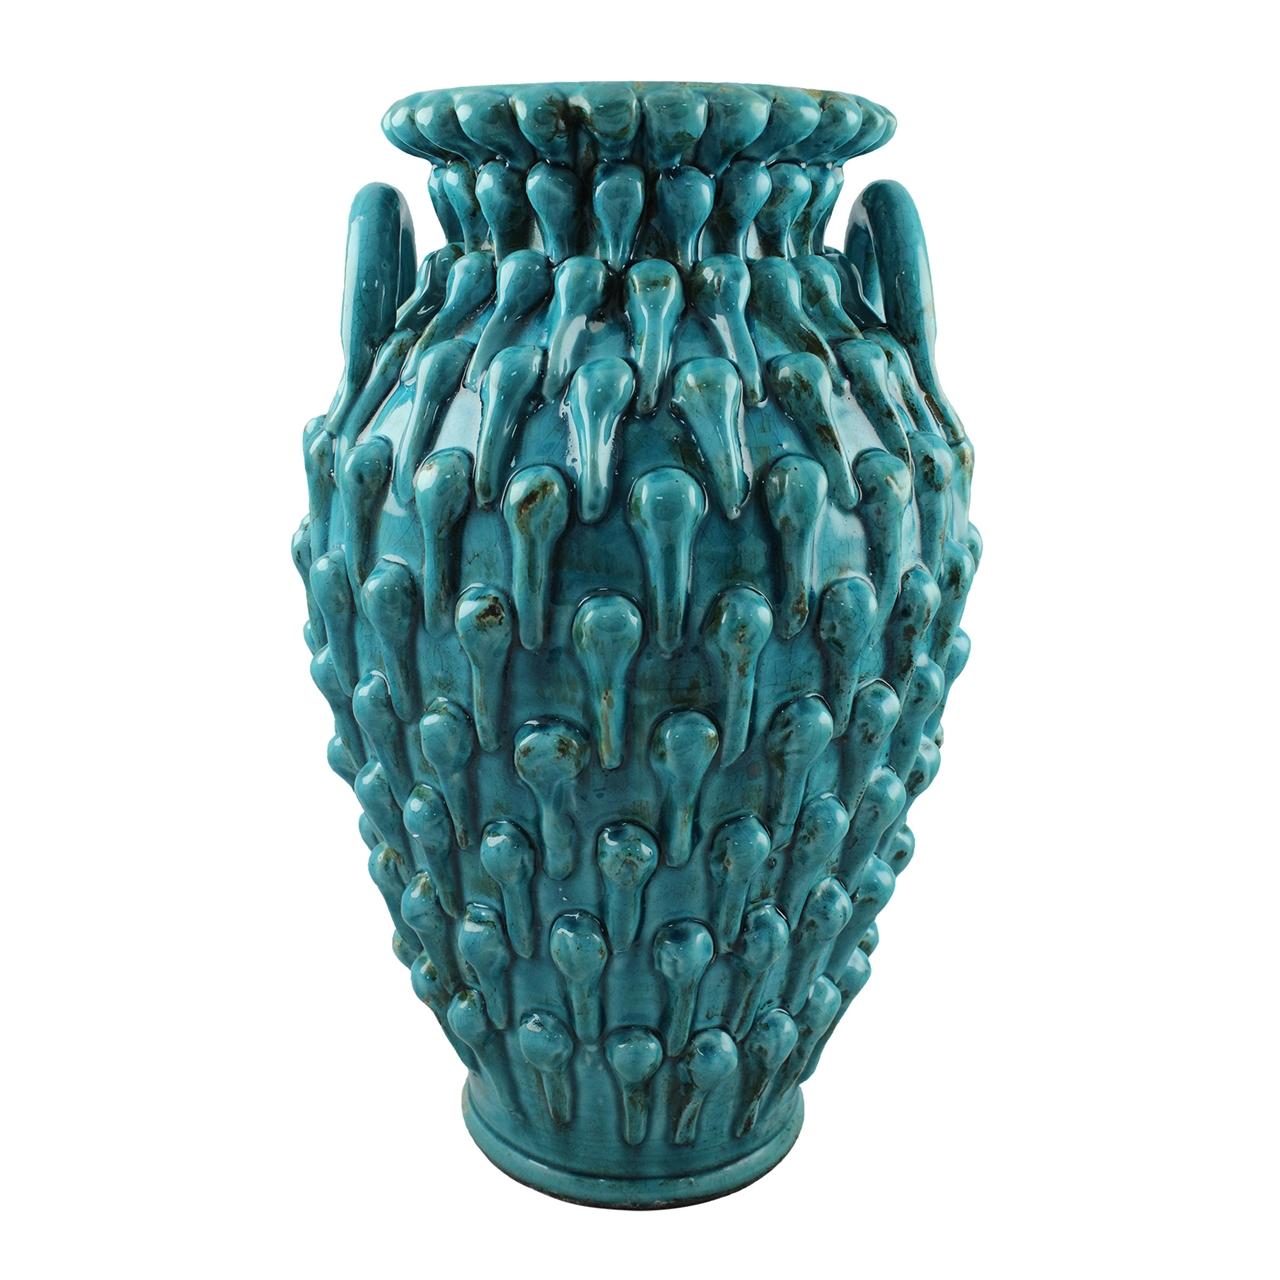 Vaza Cu Toarte Napoli Din Ceramica Turcoaz 47 Cm